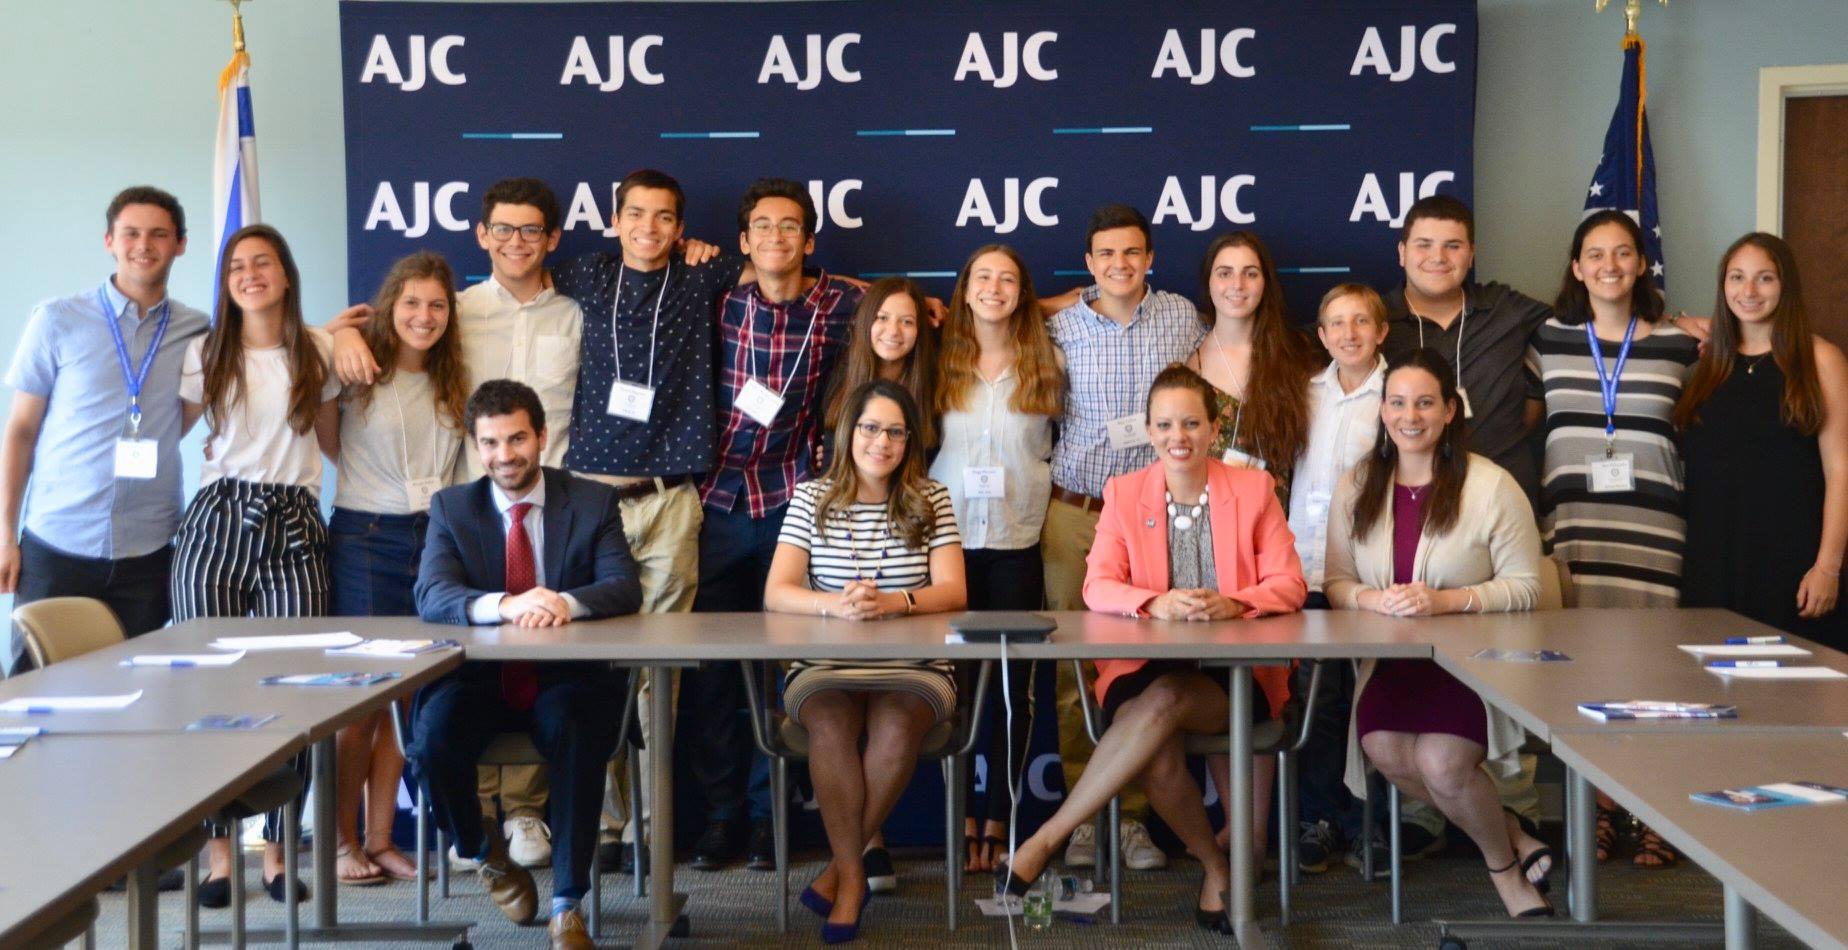 AJC Washington Trip Group Picture